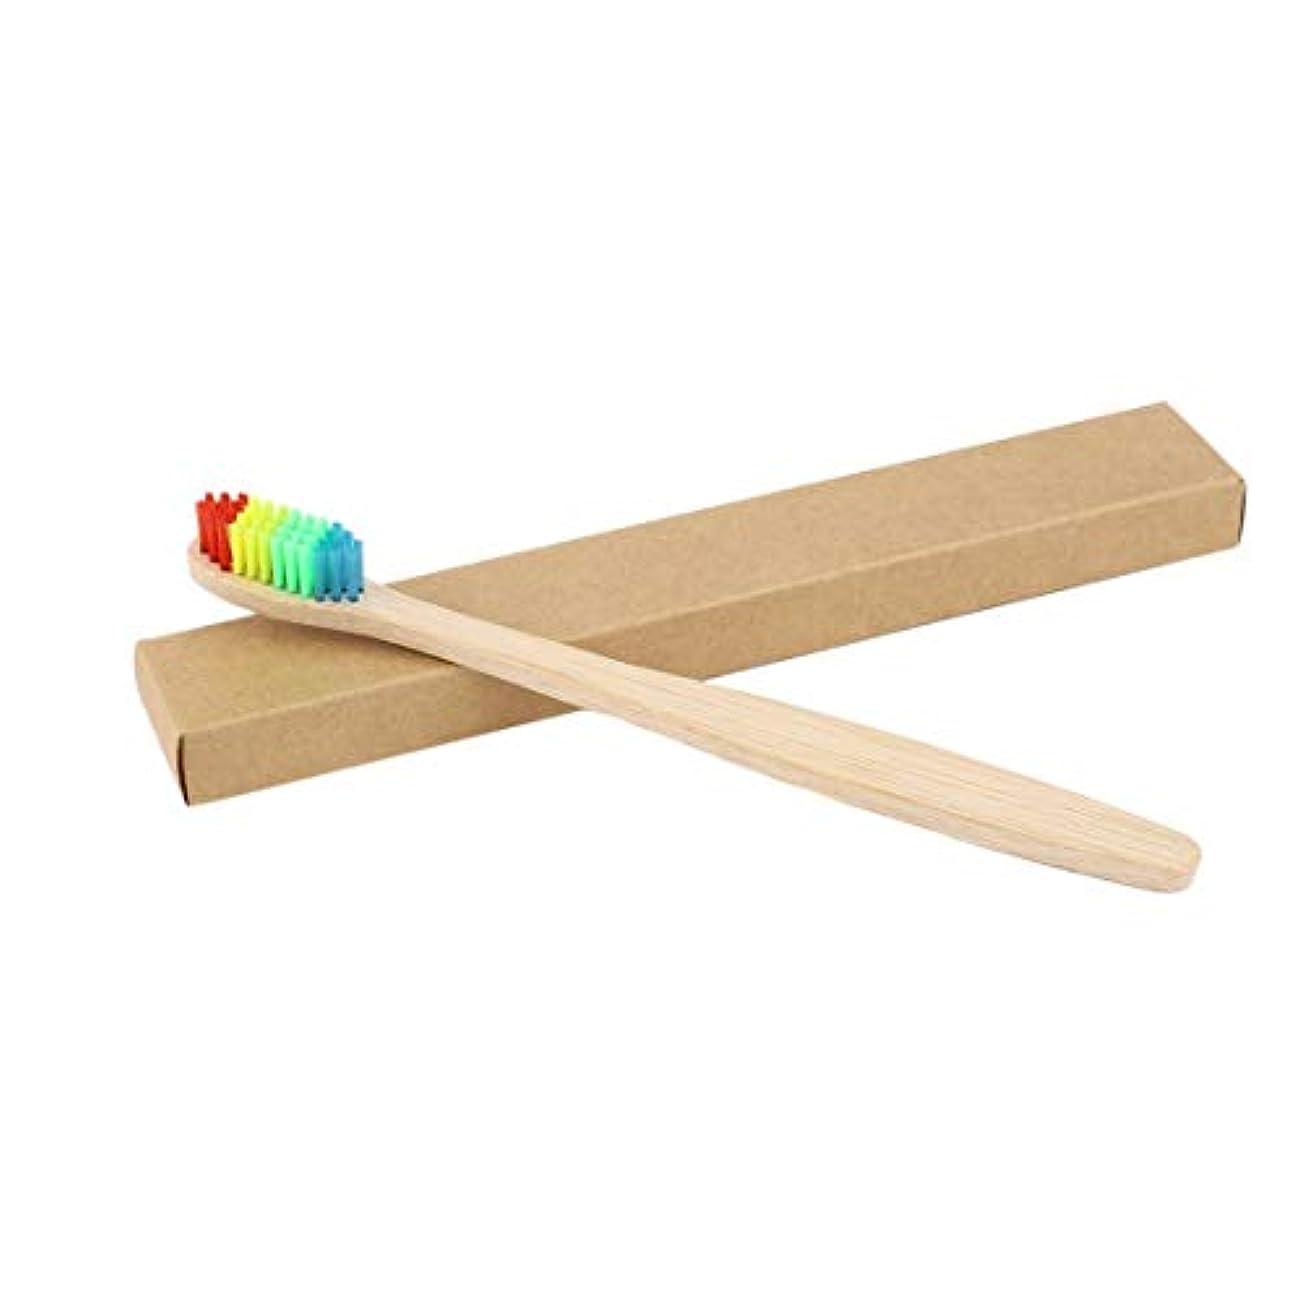 ジャグリング冷蔵する自伝カラフルな髪+竹のハンドル歯ブラシ環境木製の虹竹の歯ブラシオーラルケアソフト剛毛ユニセックス - ウッドカラー+カラフル